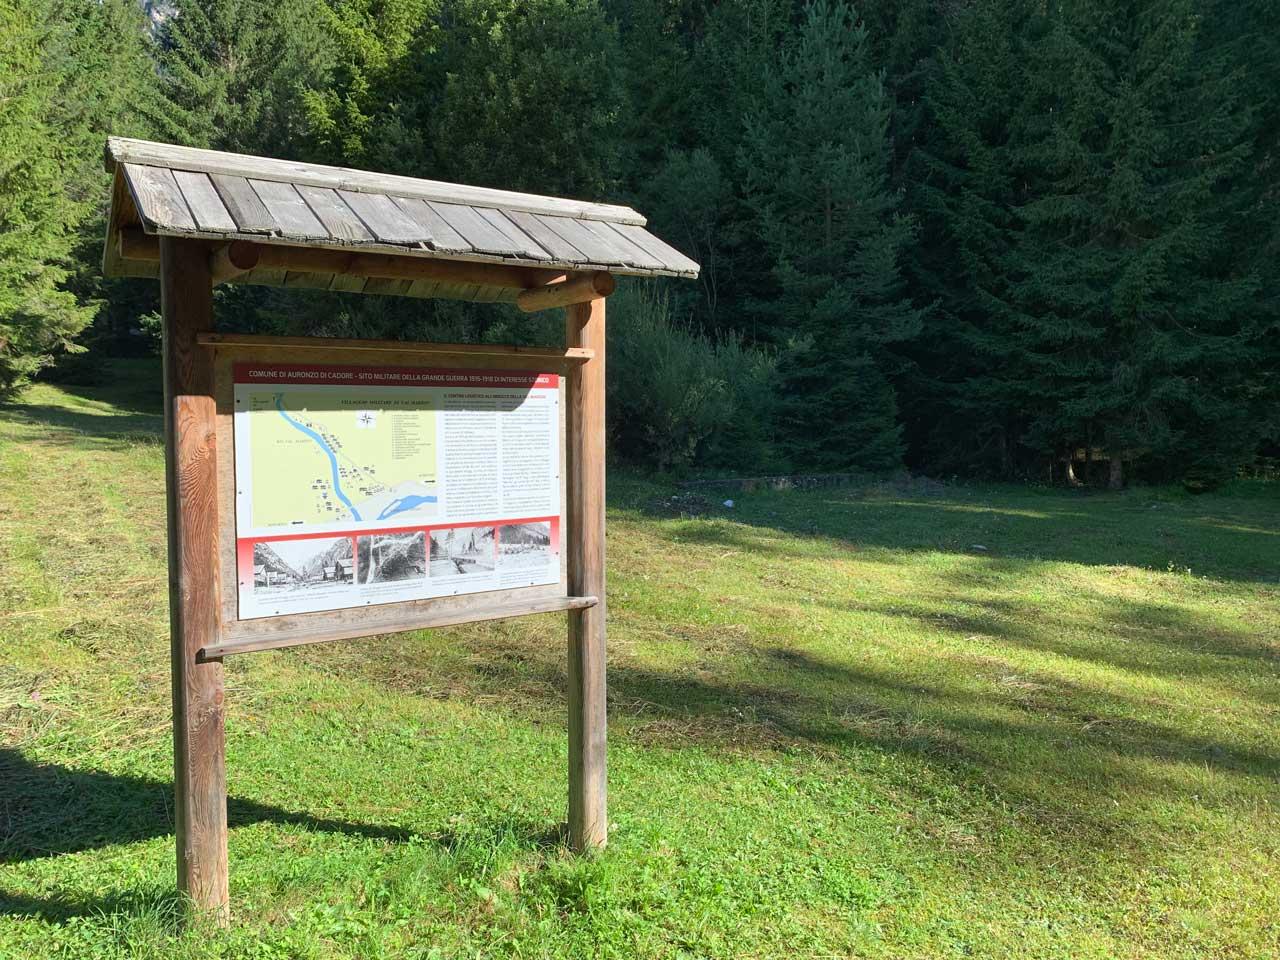 inizio percorso a piedi in Val Marzon - Auronzo passeggiate facili